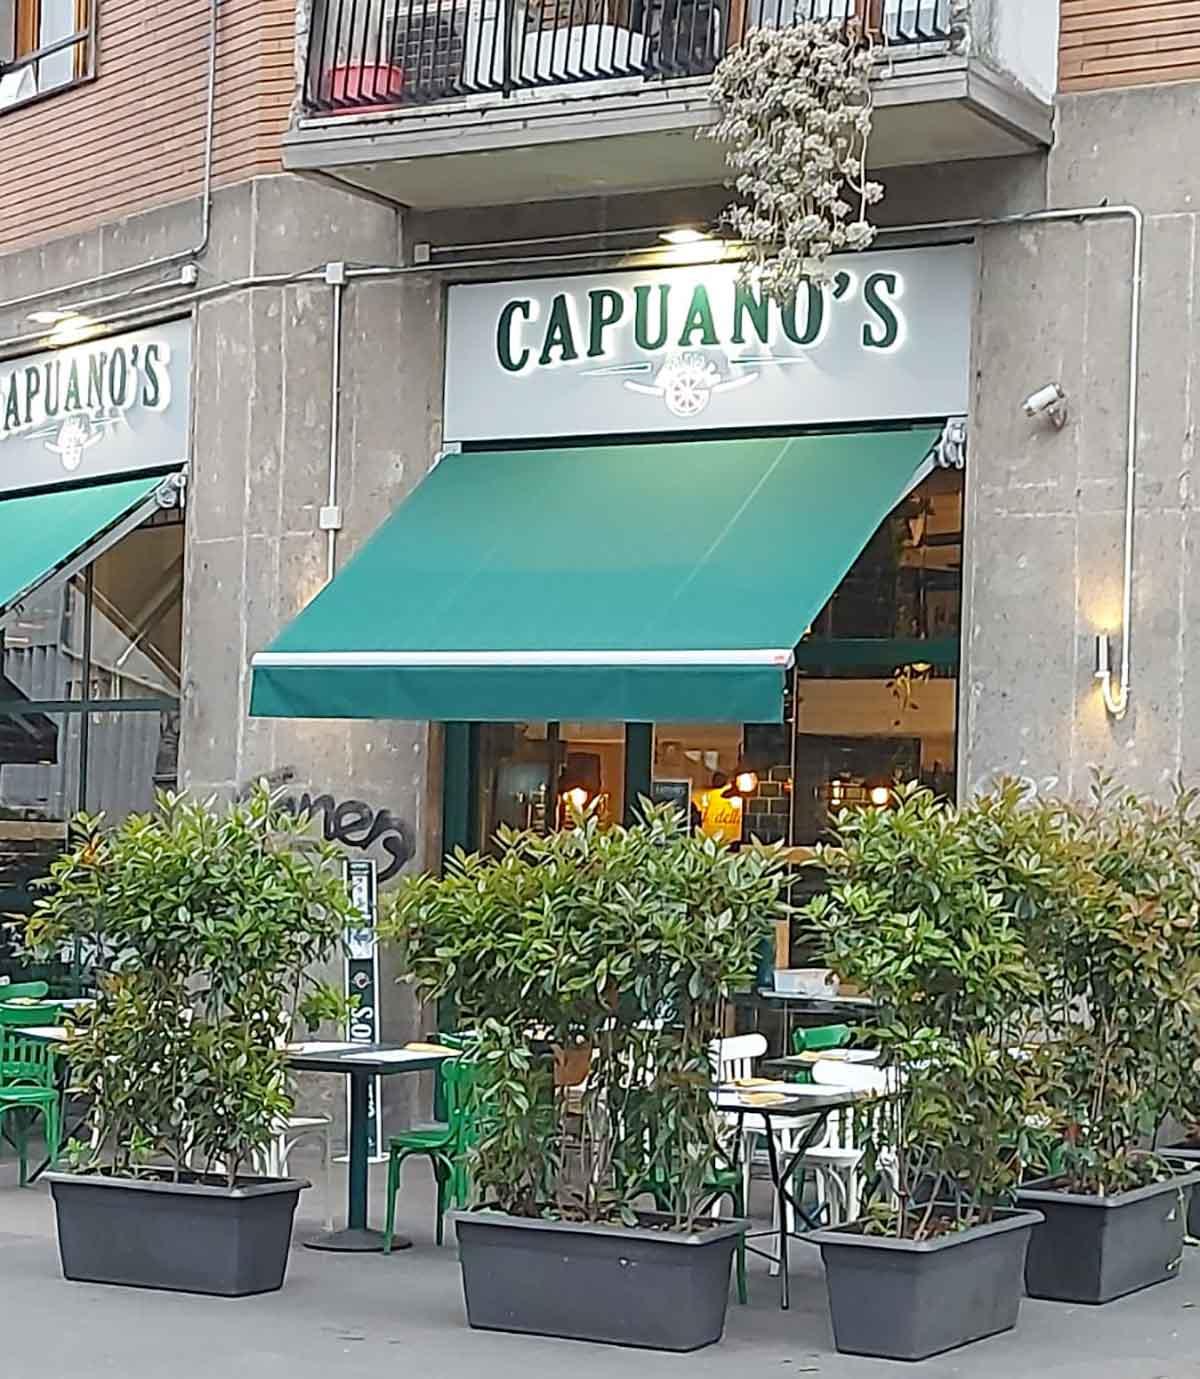 pizzerie con tavoli all'aperto Capuano's